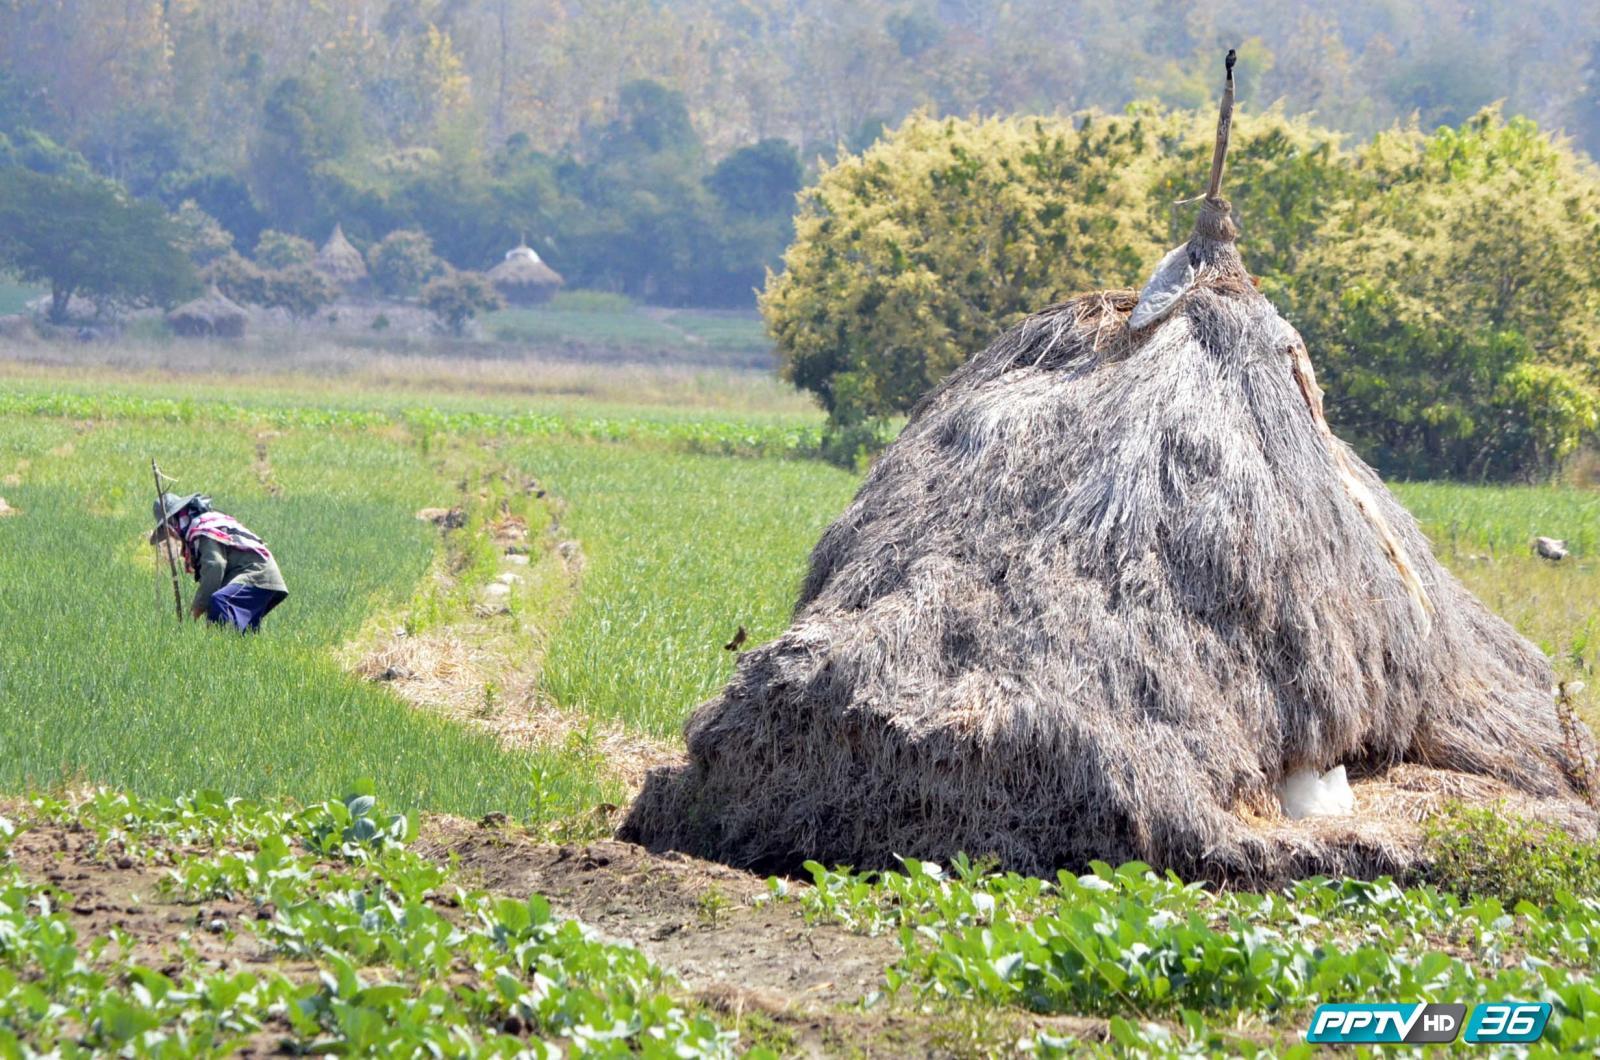 เกษตรกรไทยเสี่ยงอันตรายพิษสารเคมี ยอดผู้ป่วยเพิ่ม 4 เท่าตัว !!!